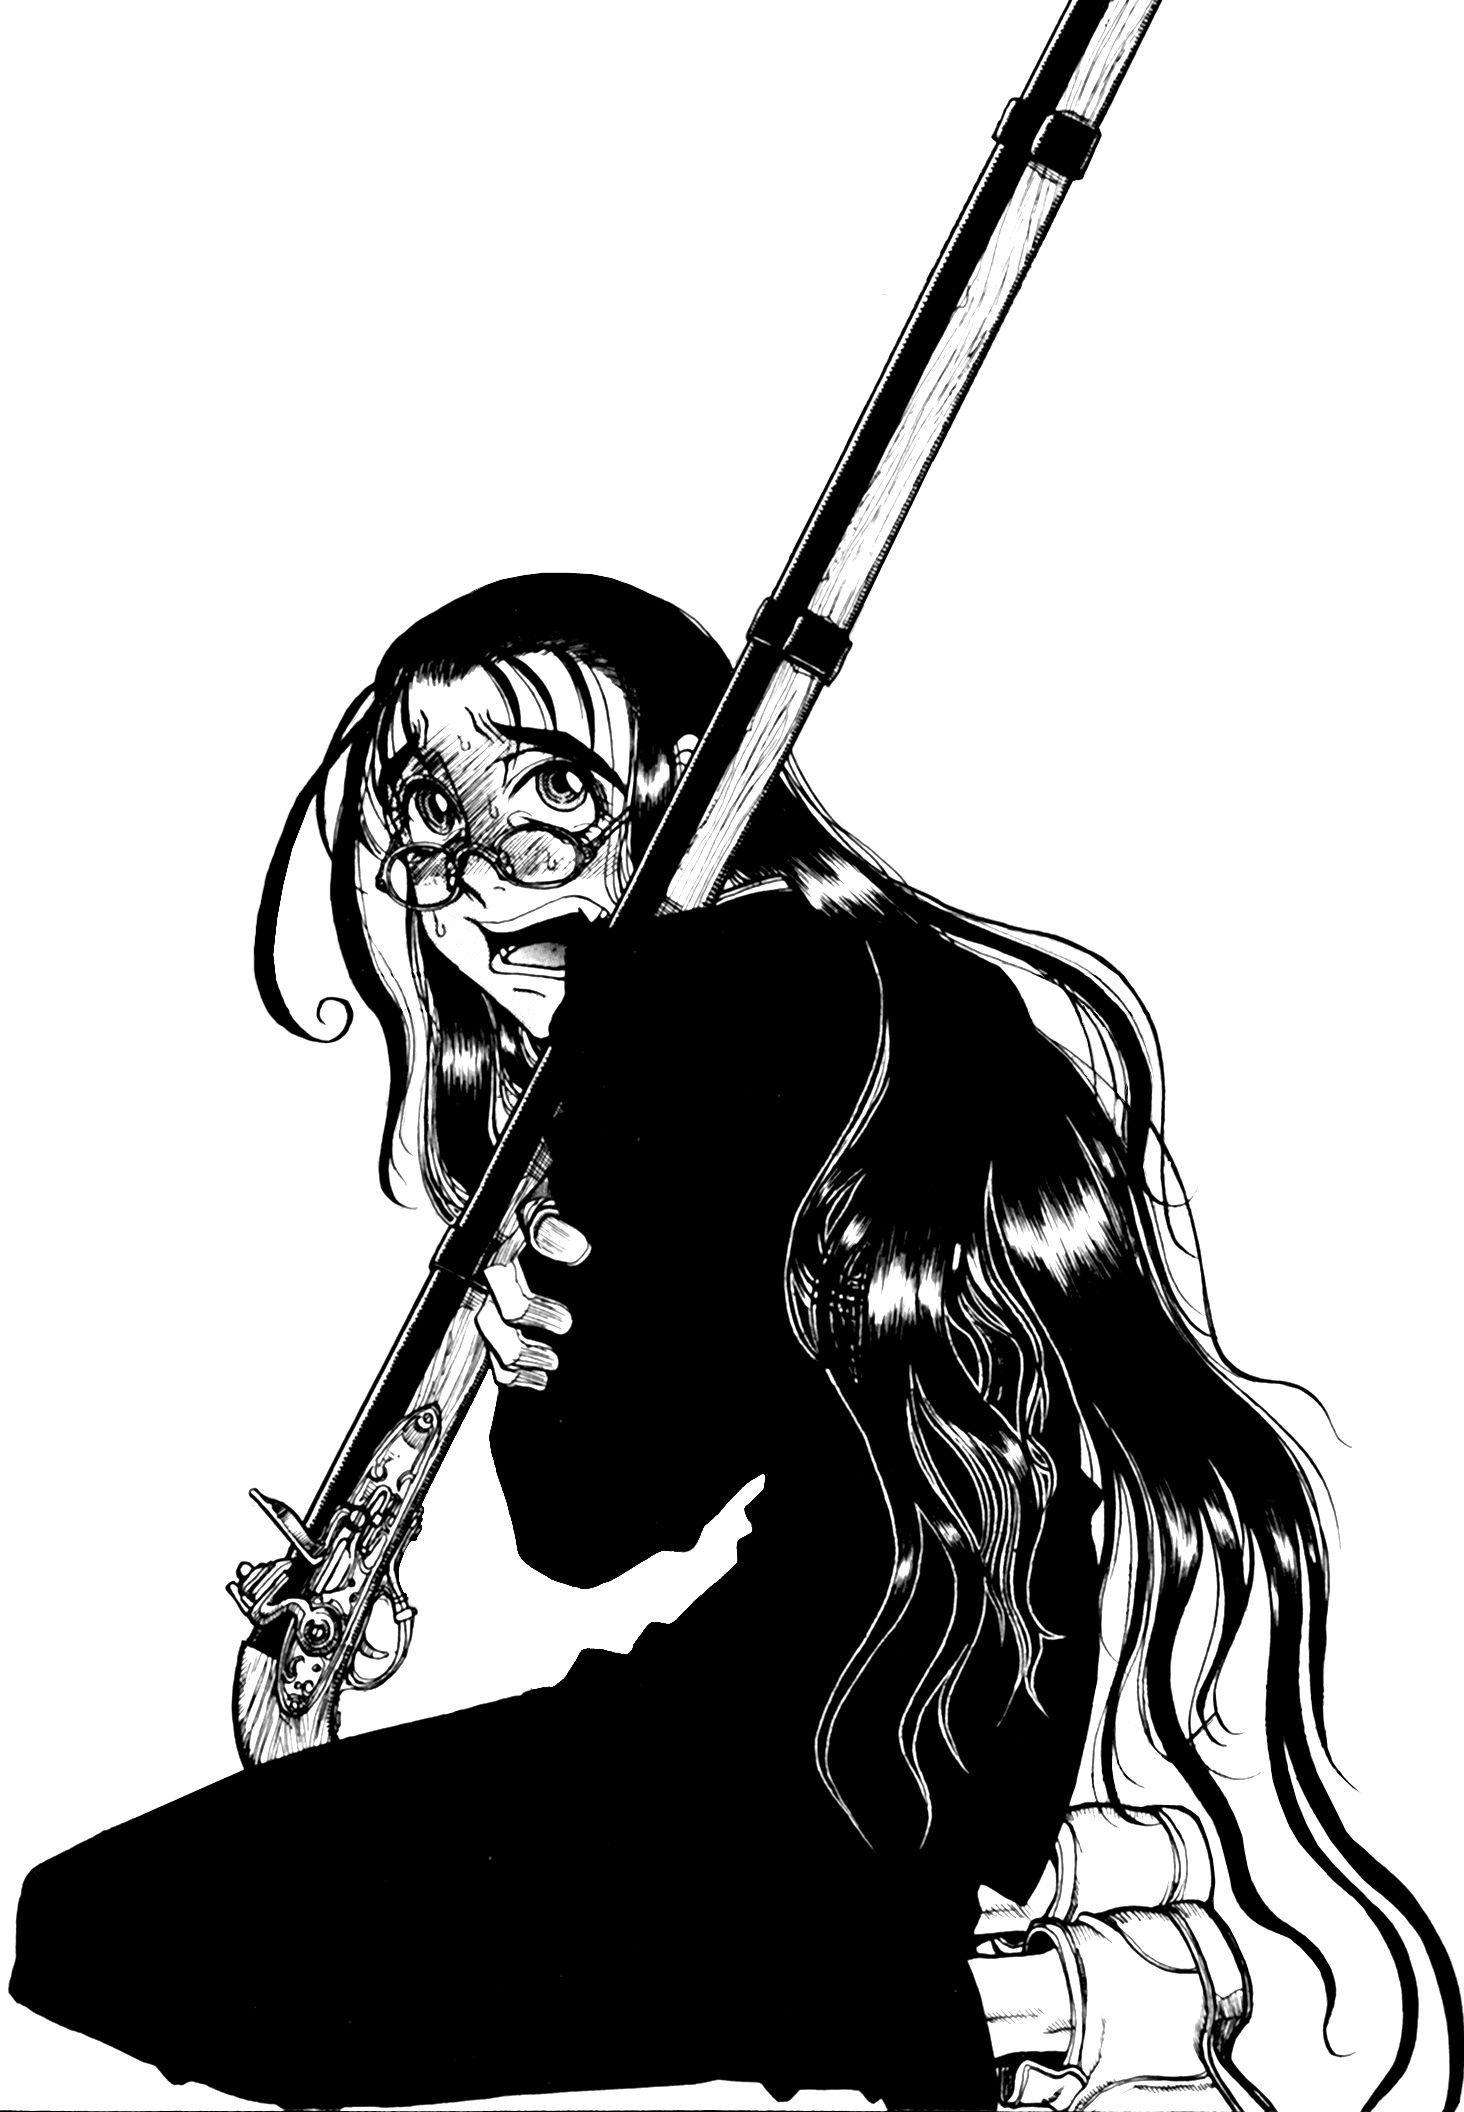 черно белые аниме арты картинки